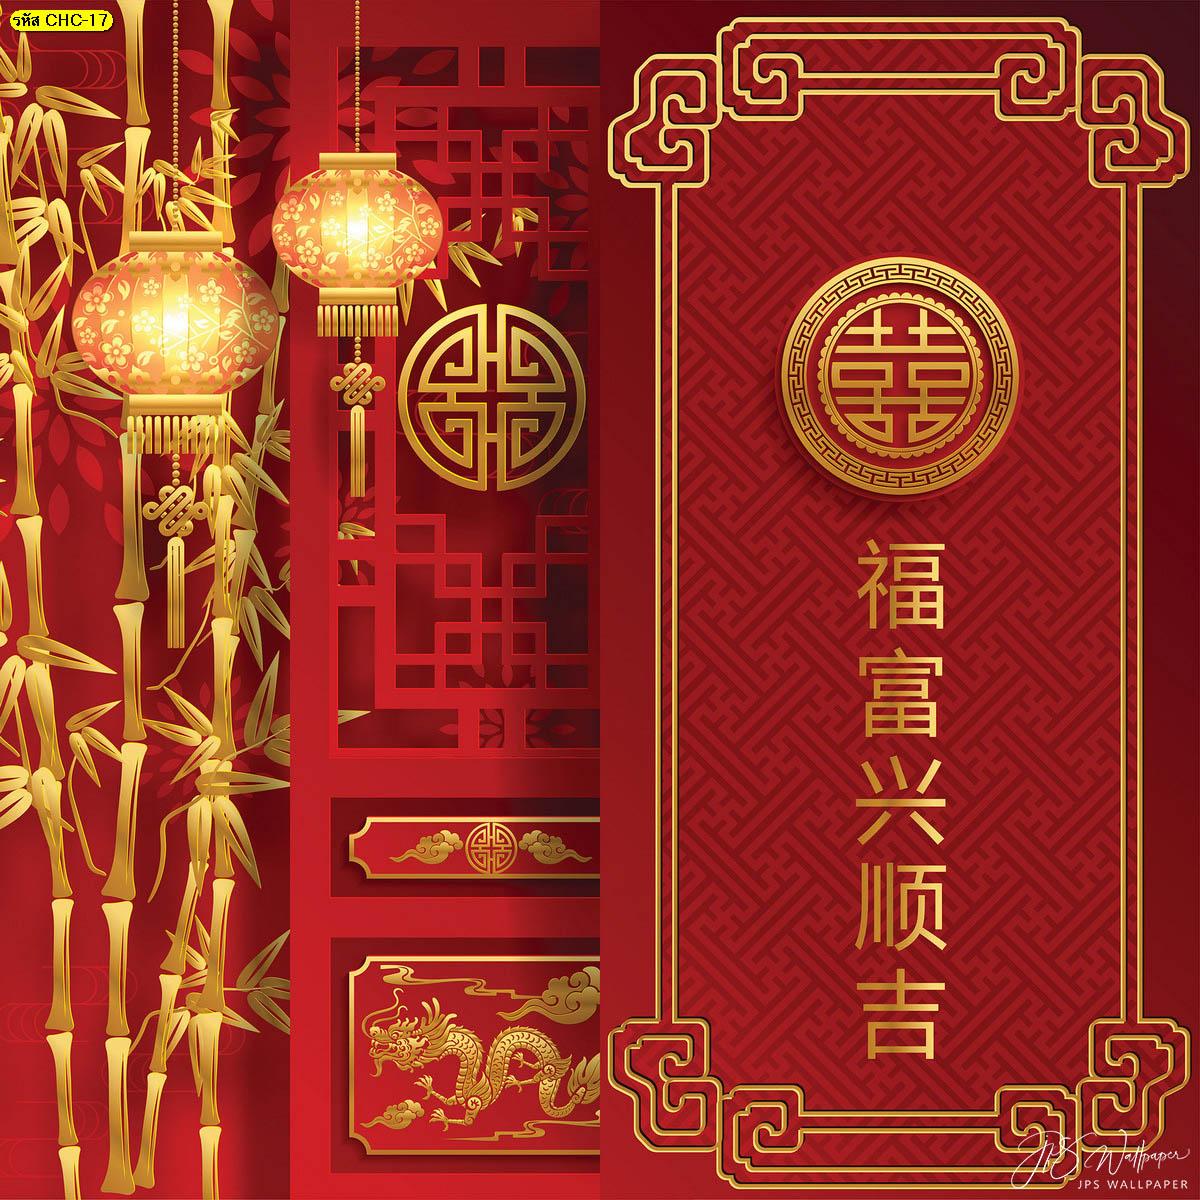 ตกแต่งผนังลายจีนมงคล วอลเปเปอร์สั่งพิมพ์จีนมงคลลายต้นไผ่ทองวันตรุษจีน